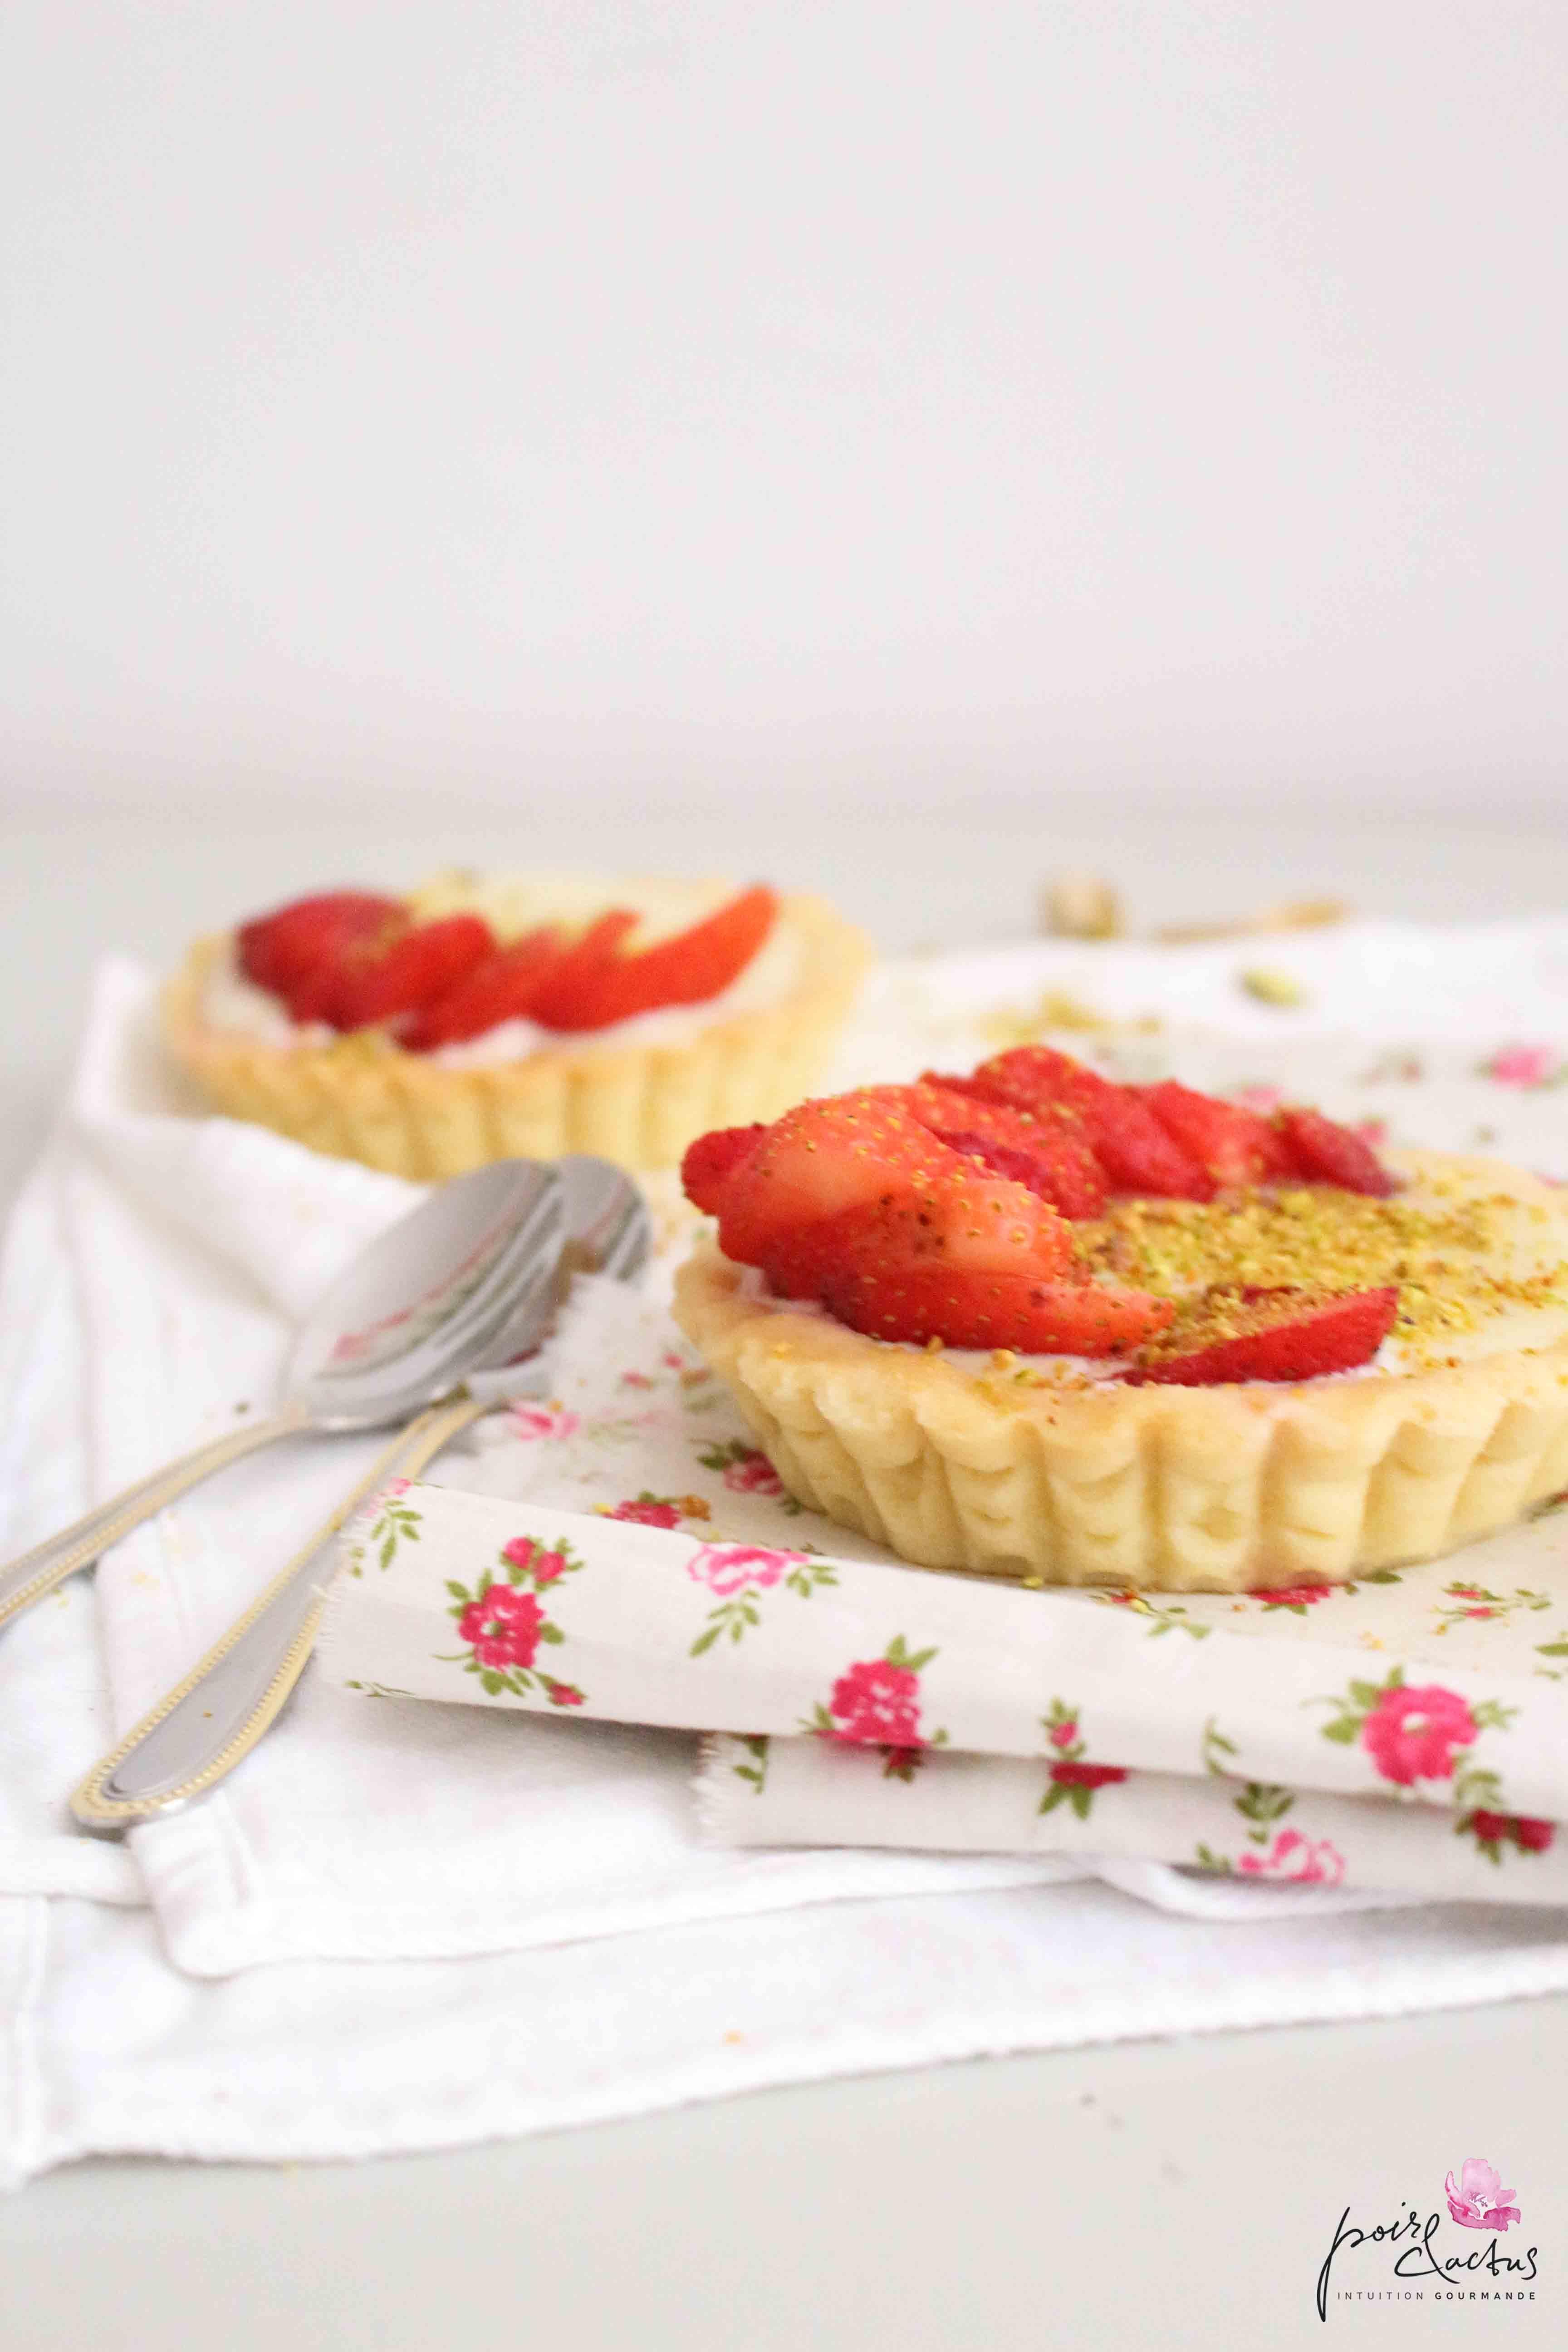 recette_tartelette_fraise_choco_blanc_poiretcactus